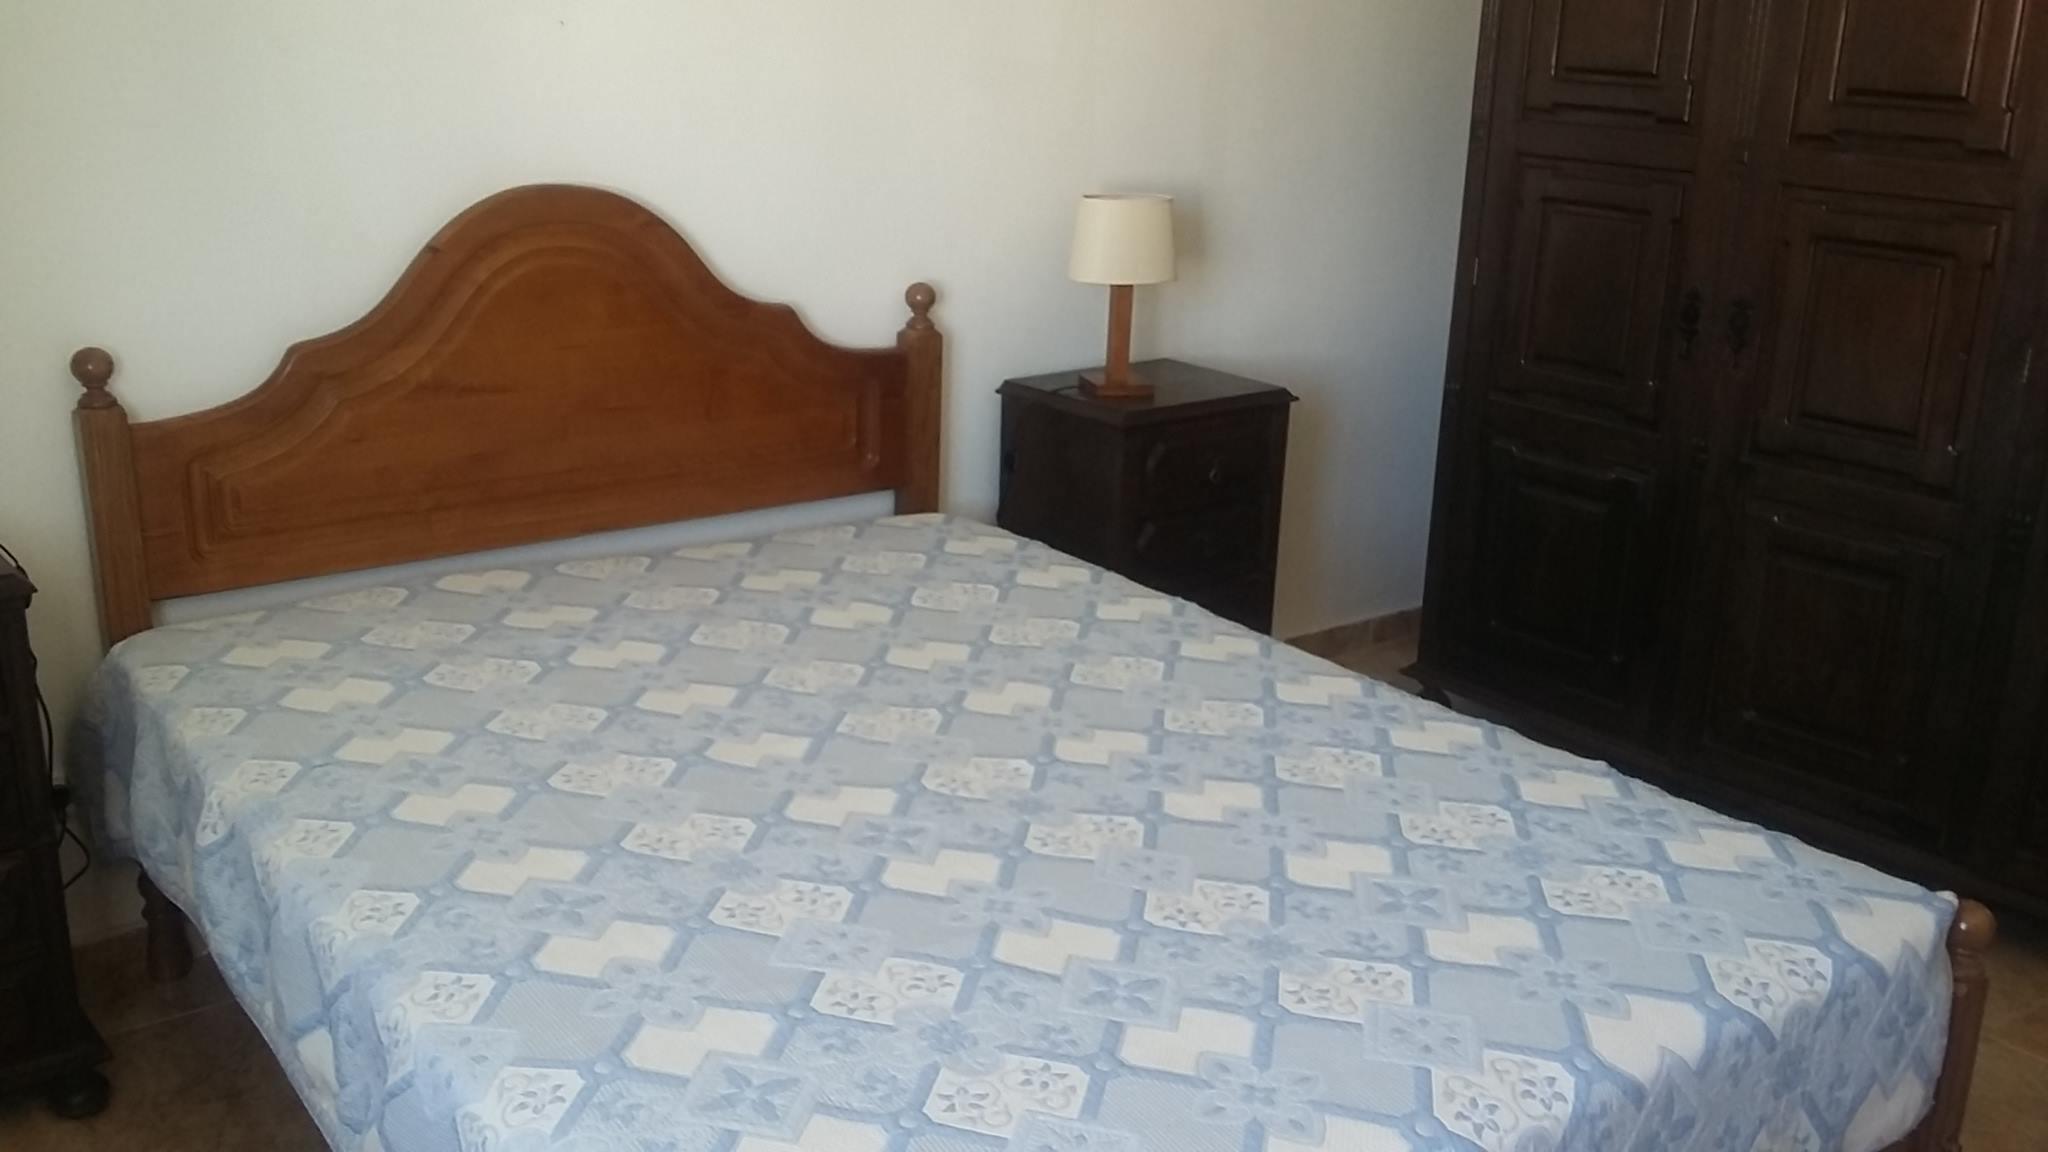 Location appartements et villas de vacance, Casa Vista Mar – Pêra – Armação de Pêra – Algarve. à Pêra, Portugal Algarve, REF_IMG_541_549